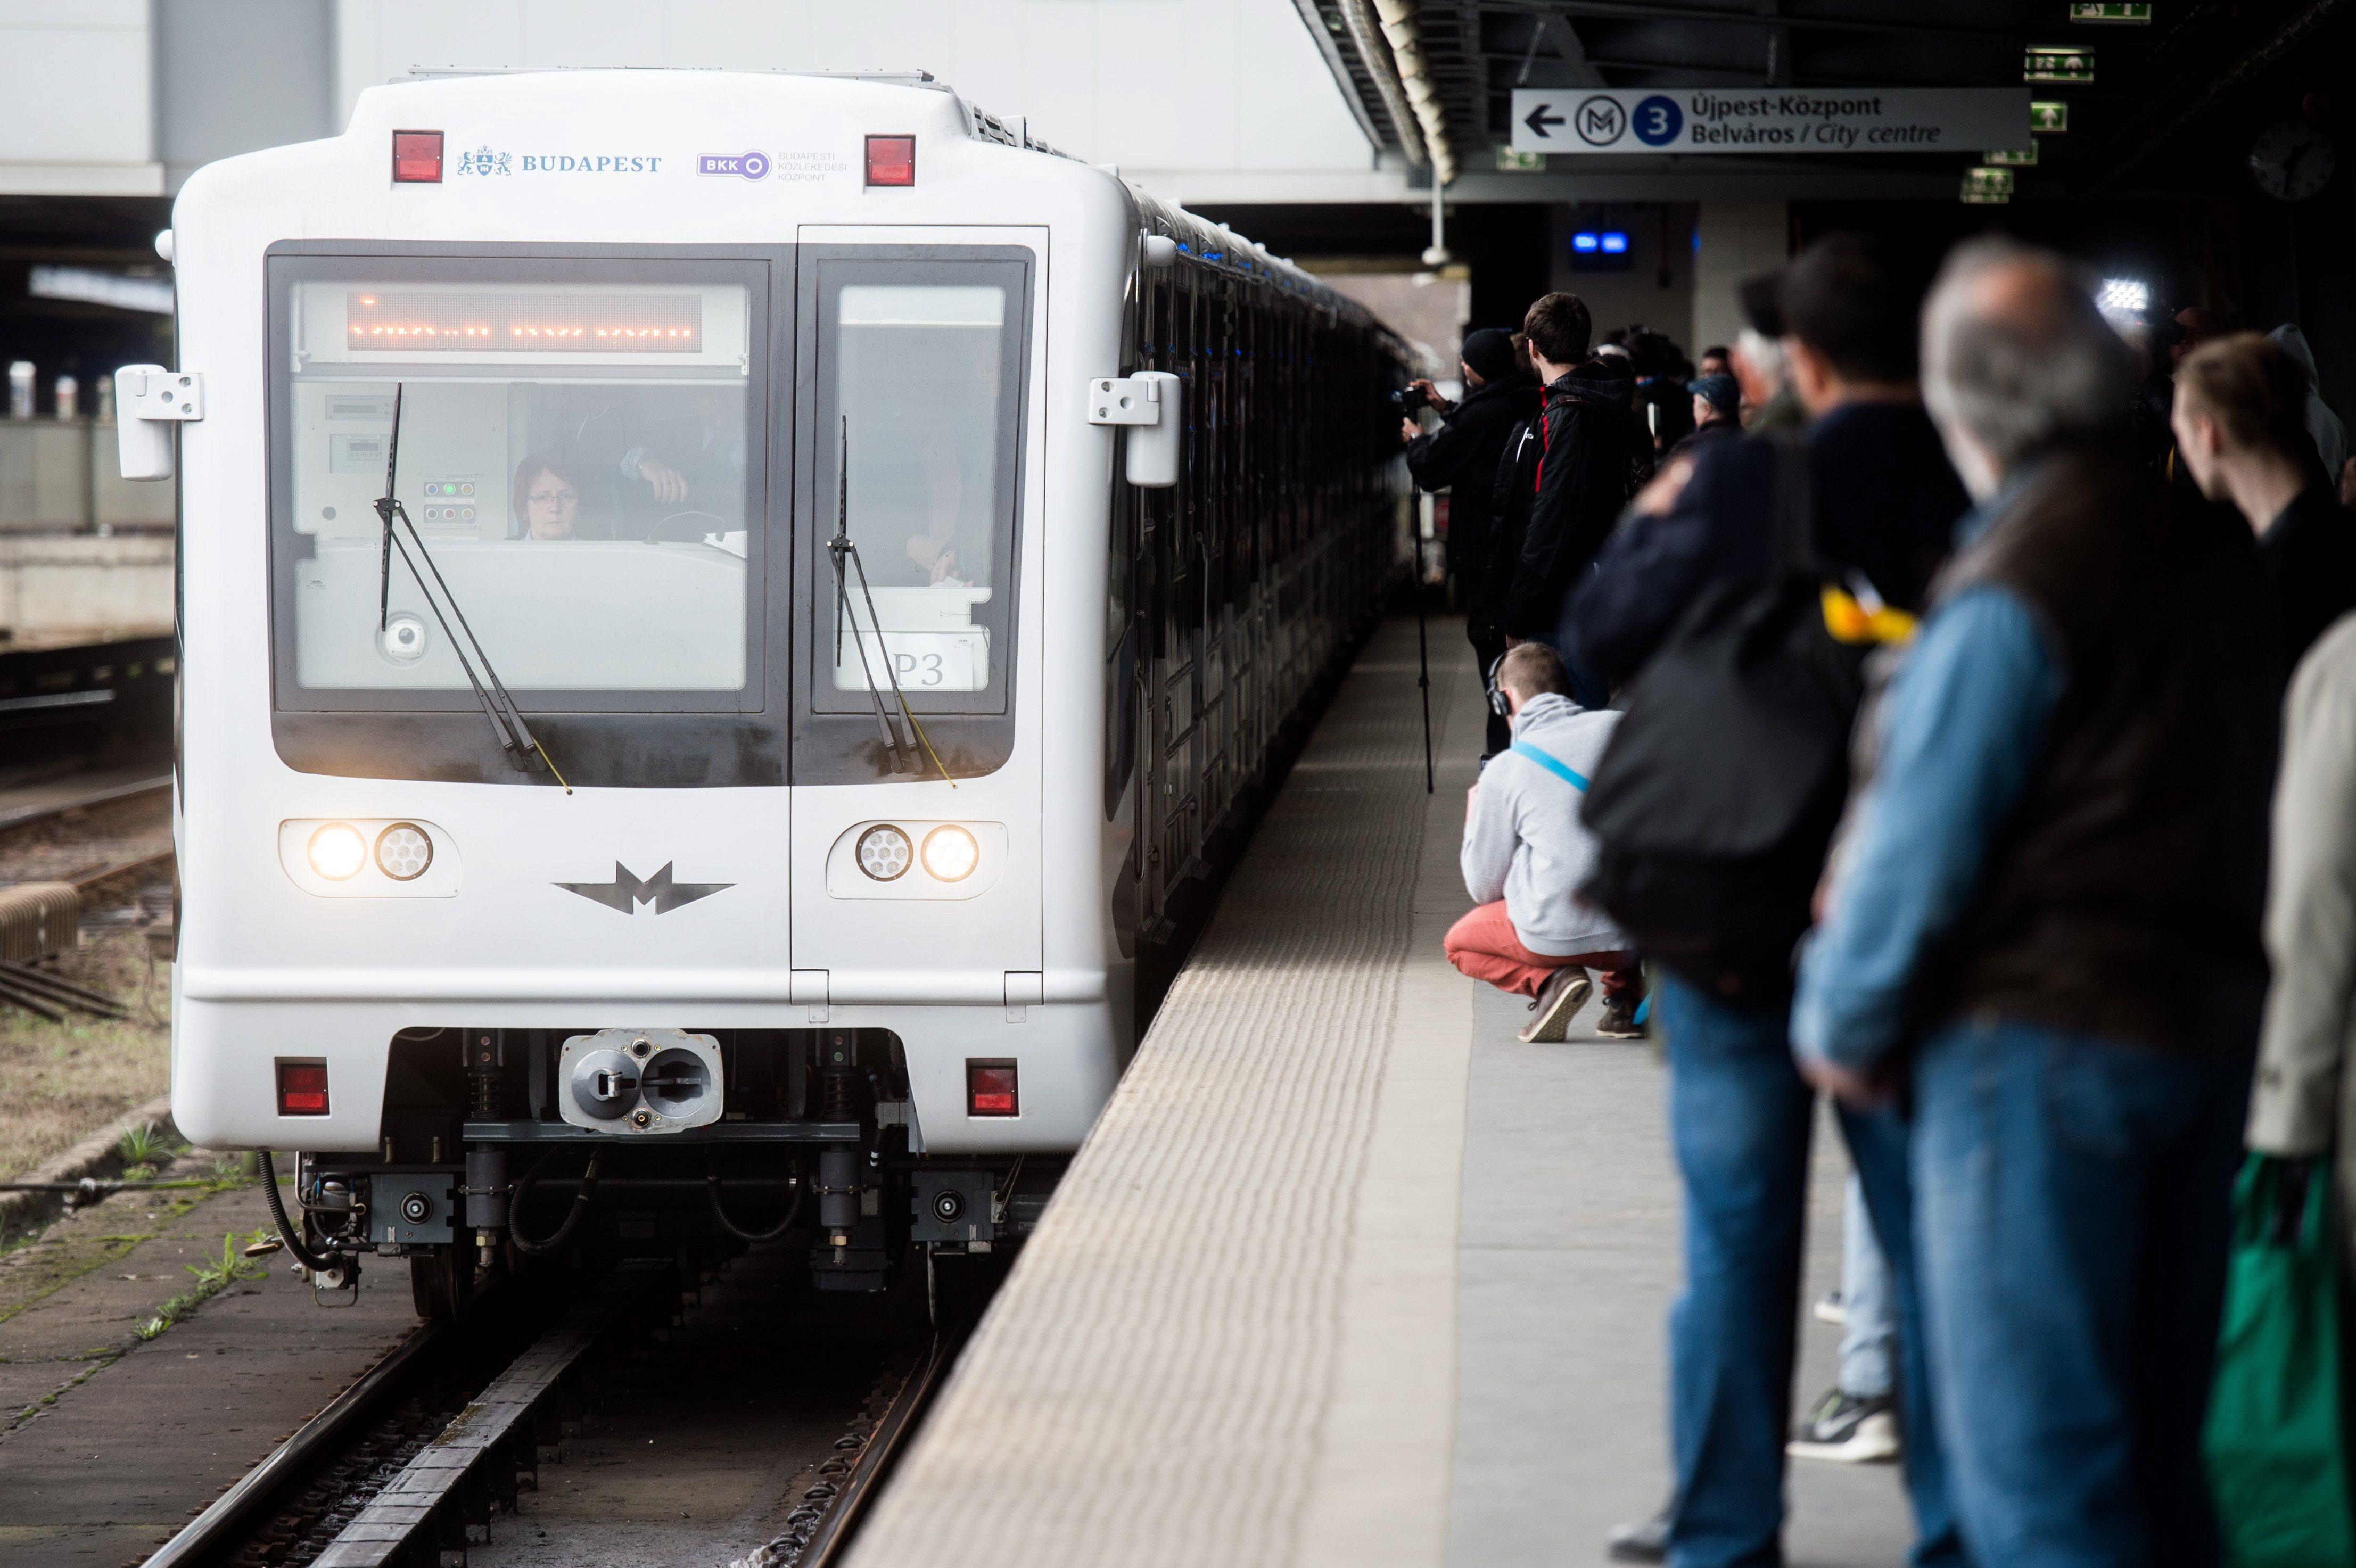 Nyizsnyij Novgorod olcsóbban vette a teljesen új metrókocsit a Metrovagonmastól, mint Budapest a felújítottat